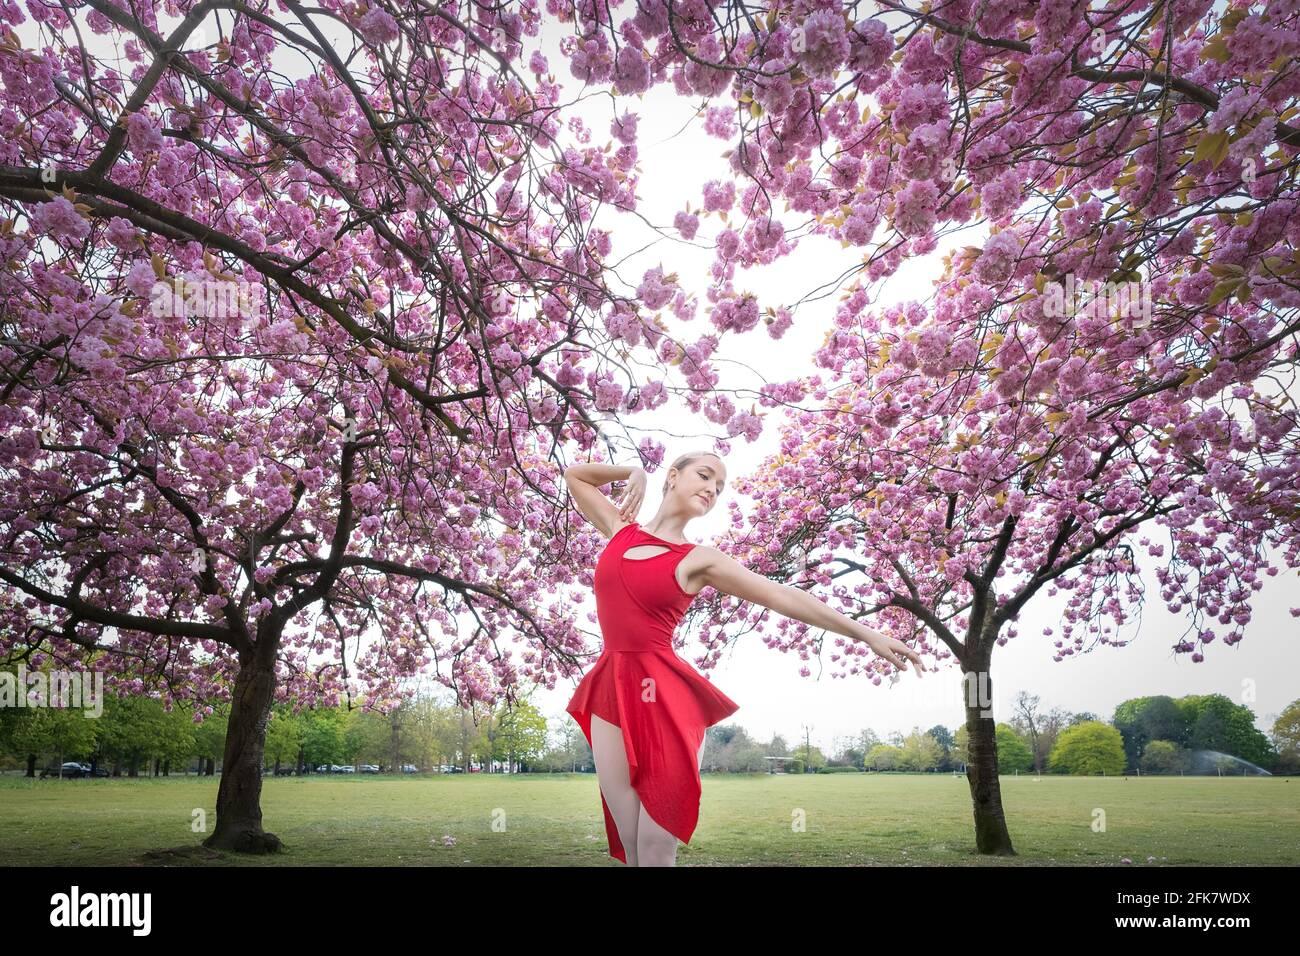 London, Großbritannien. April 2021. Internationaler Tanztag: ARIA Tilah, Studentin der Royal Academy of Dance, tritt am Internationalen Tanztag unter den auffallenden Kirschblütenbäumen im Greenwich Park auf. Der Internationale Tanztag, der erstmals 1982 gefeiert wurde, findet seit dem Jahrestag der Geburt von Jean-Georges Noverre (1727-1810), der als Schöpfer des modernen Balletts gilt, jedes Jahr statt. Kredit: Guy Corbishley/Alamy Live Nachrichten Stockfoto